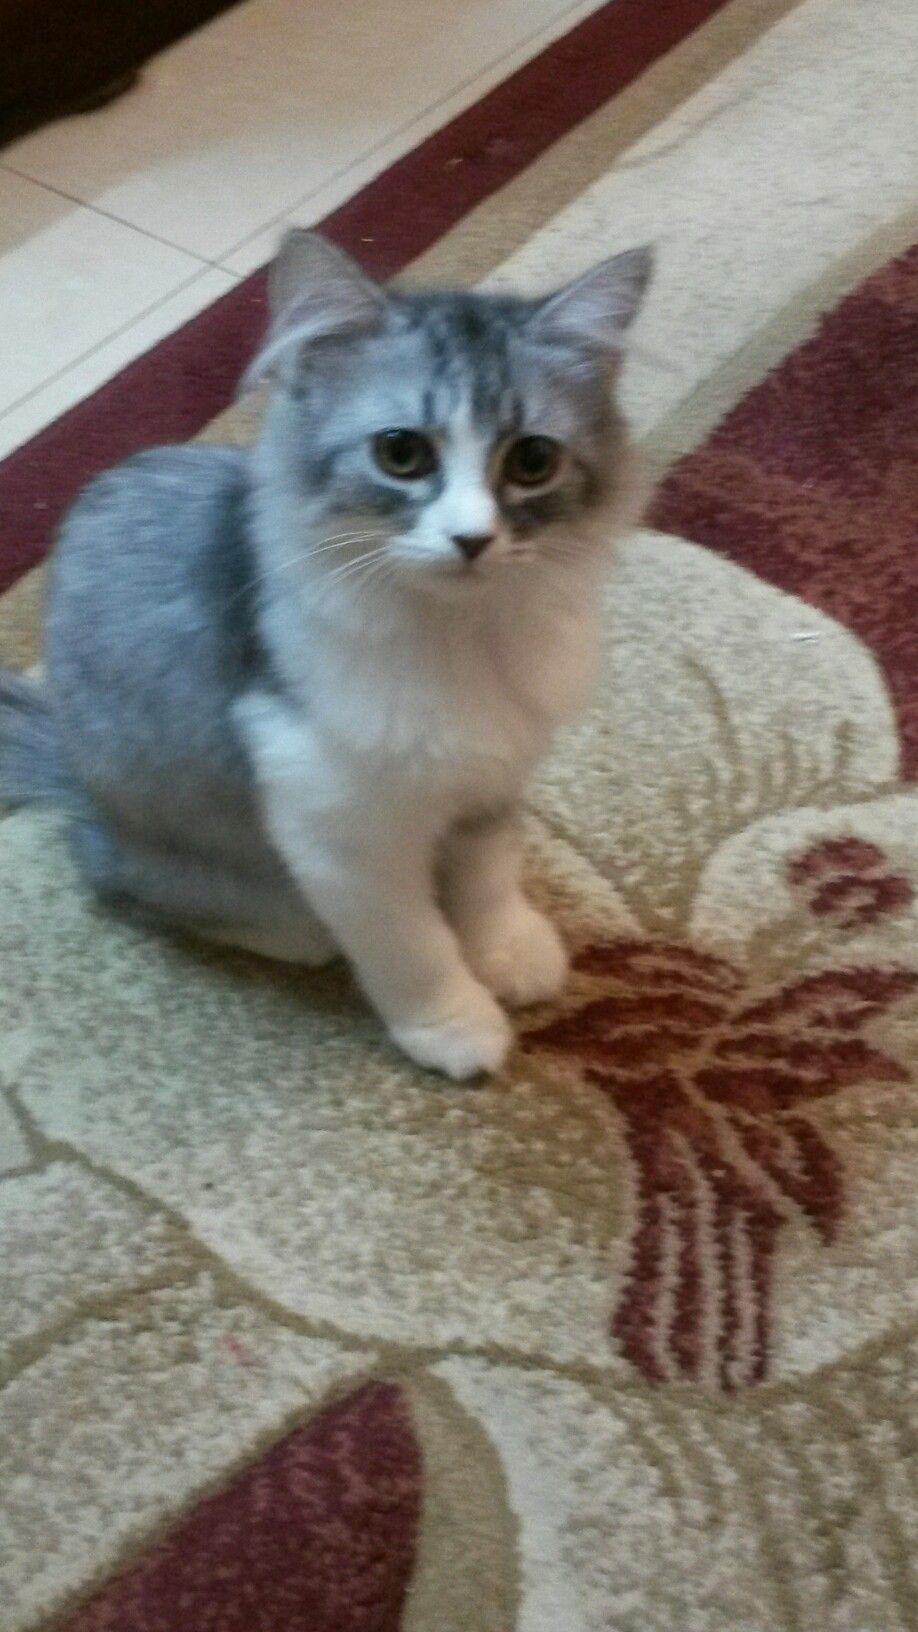 قطه شيرازيه العمر 5شهور للبيع 0553643170 Beautiful Cats Cats Animals